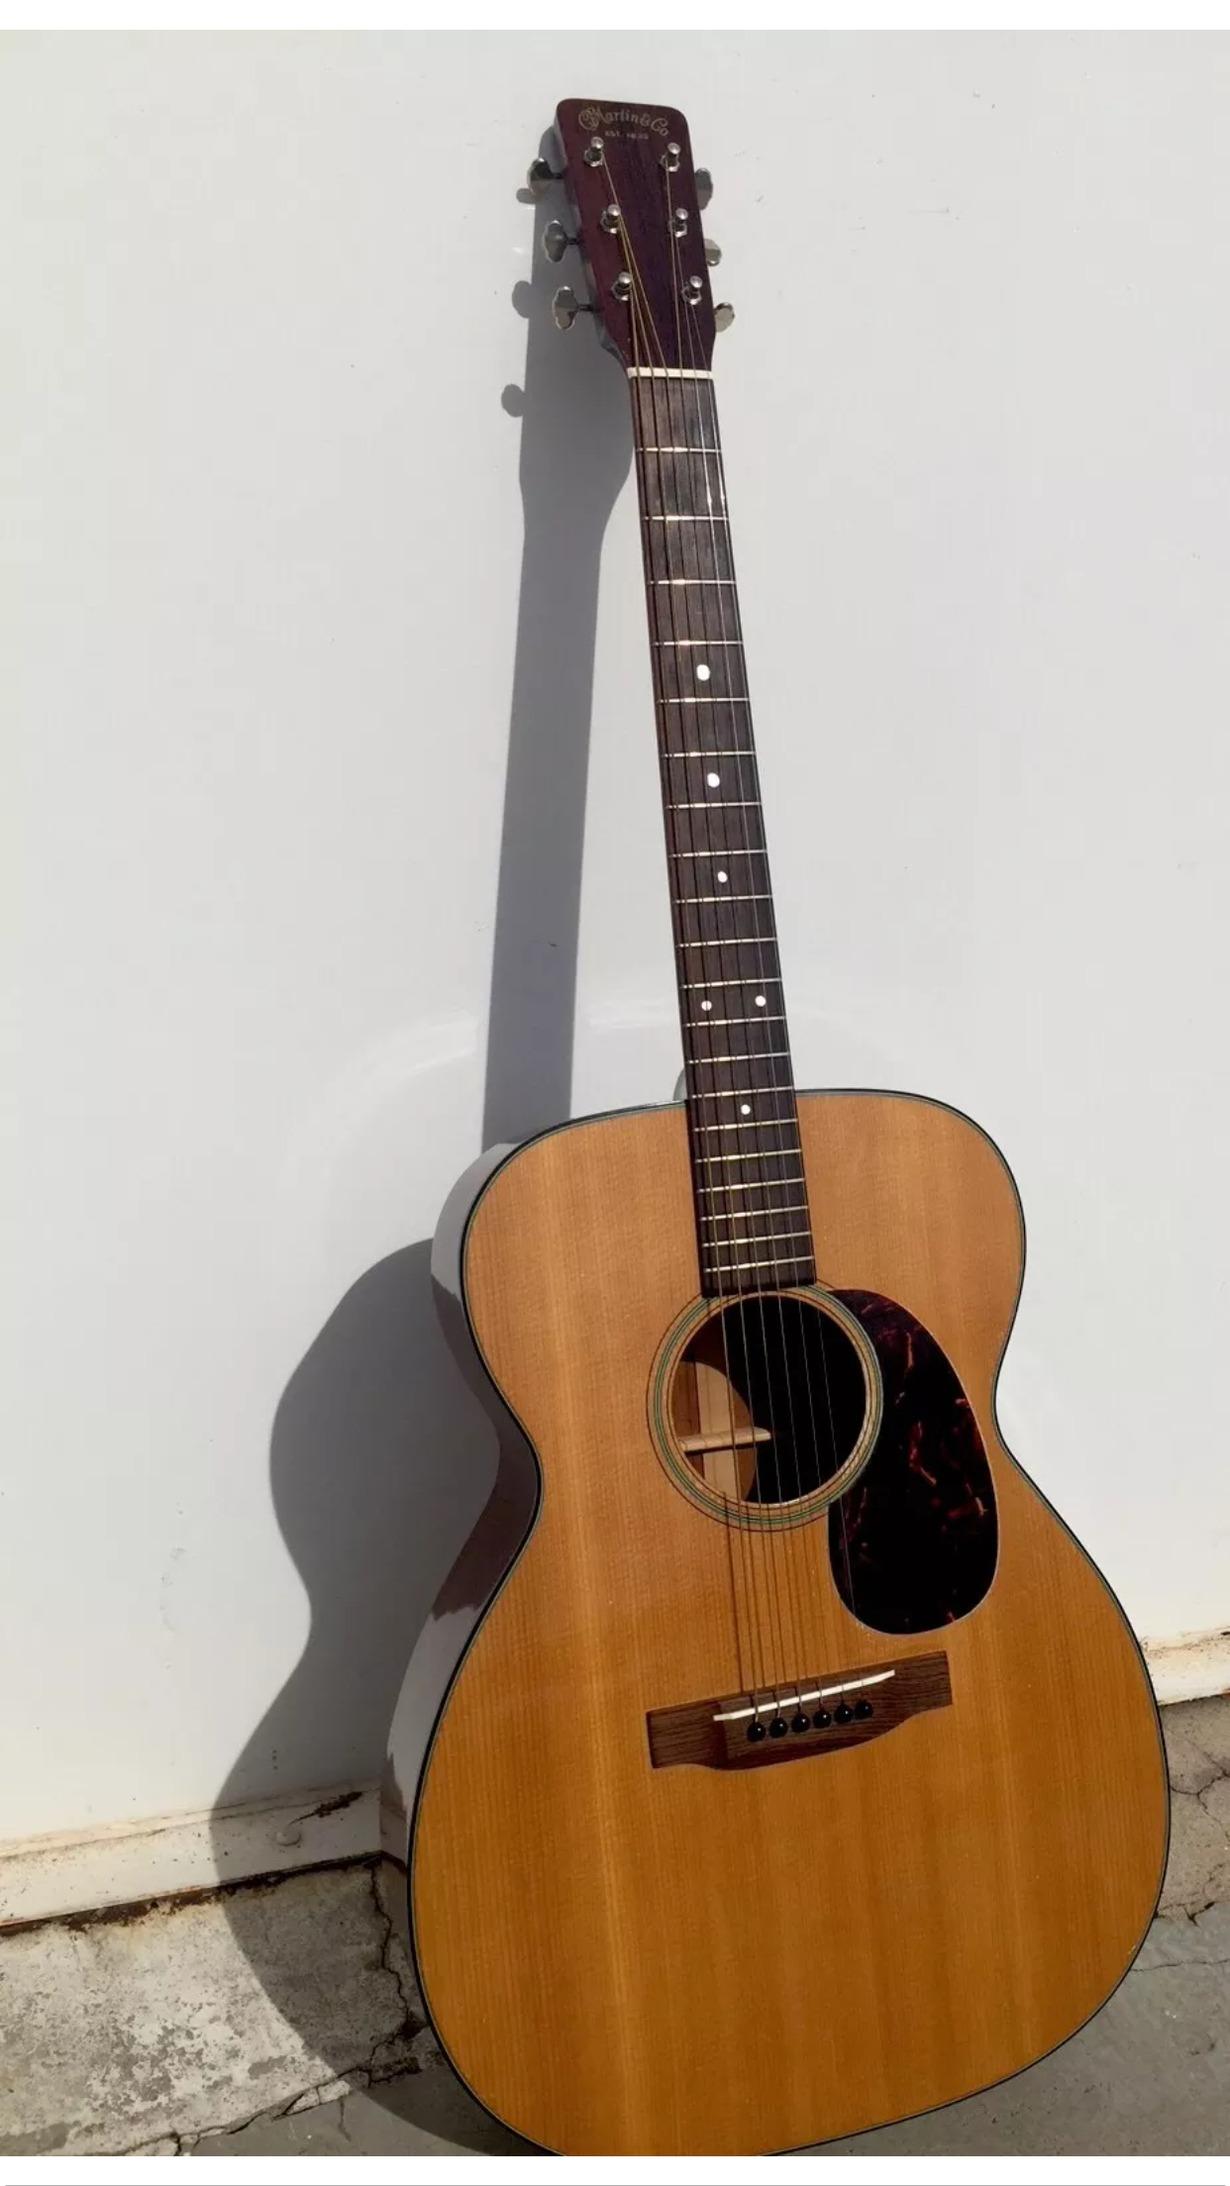 martin 000 18 1962 natural guitar for sale nosguitarz. Black Bedroom Furniture Sets. Home Design Ideas